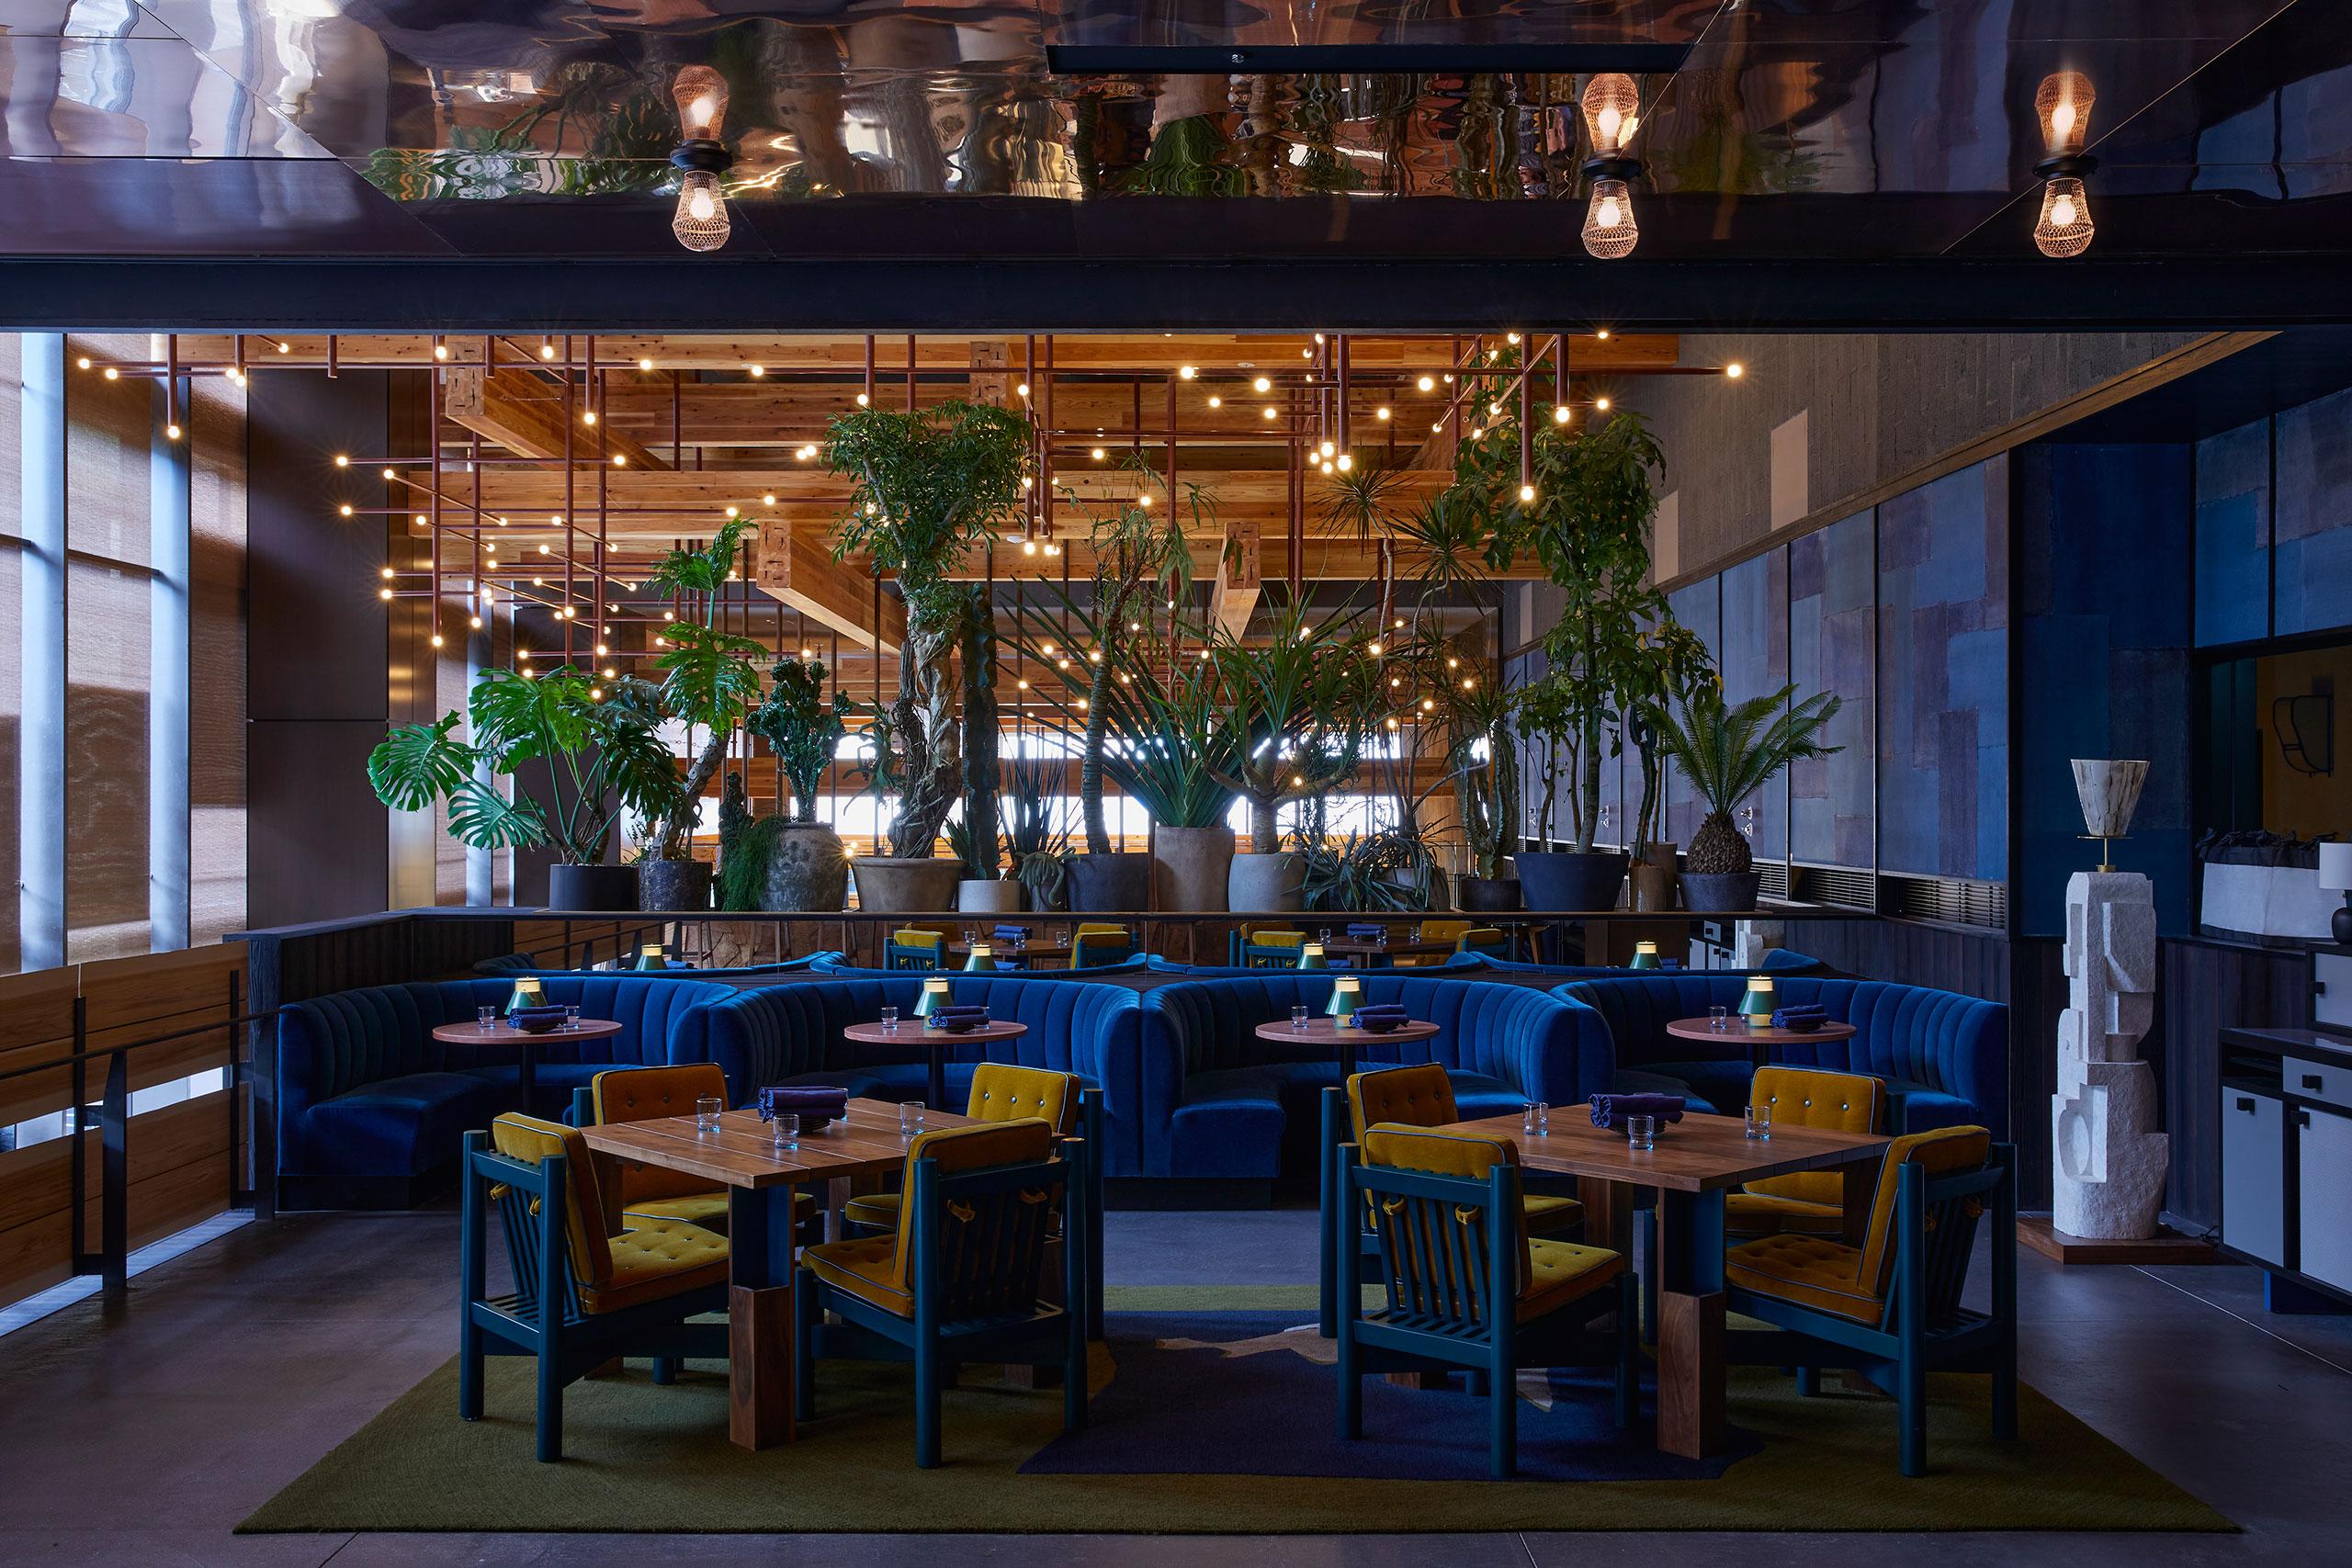 京都王牌酒店。 PIOPIKO酒吧&  塔科休息室。 牧野佳弘摄。